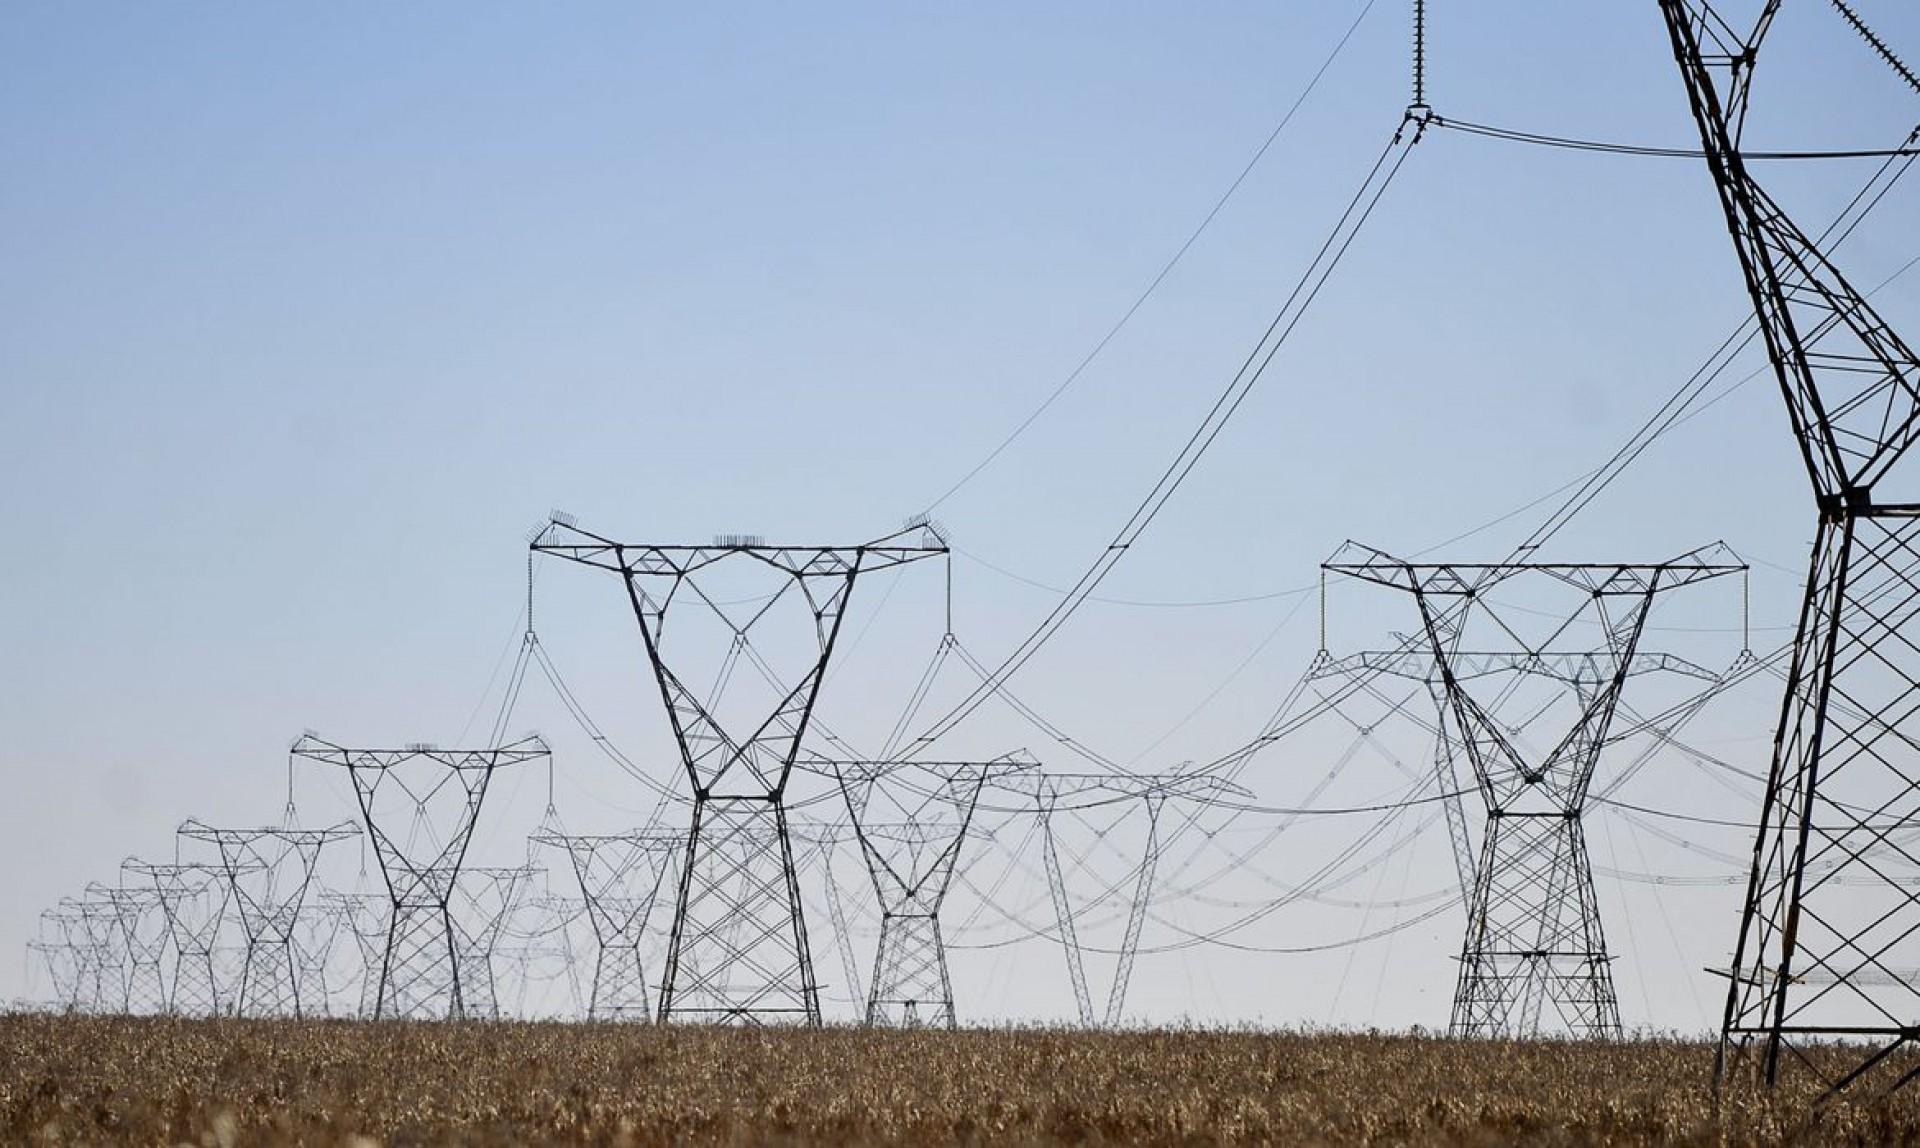 O percentual oficial de reajuste da tarifa elétrica para o Ceará só será apresentado e votado pela Aneel em reunião no dia 20 (Foto: Marcello Casal Jr/Agência Brasil)